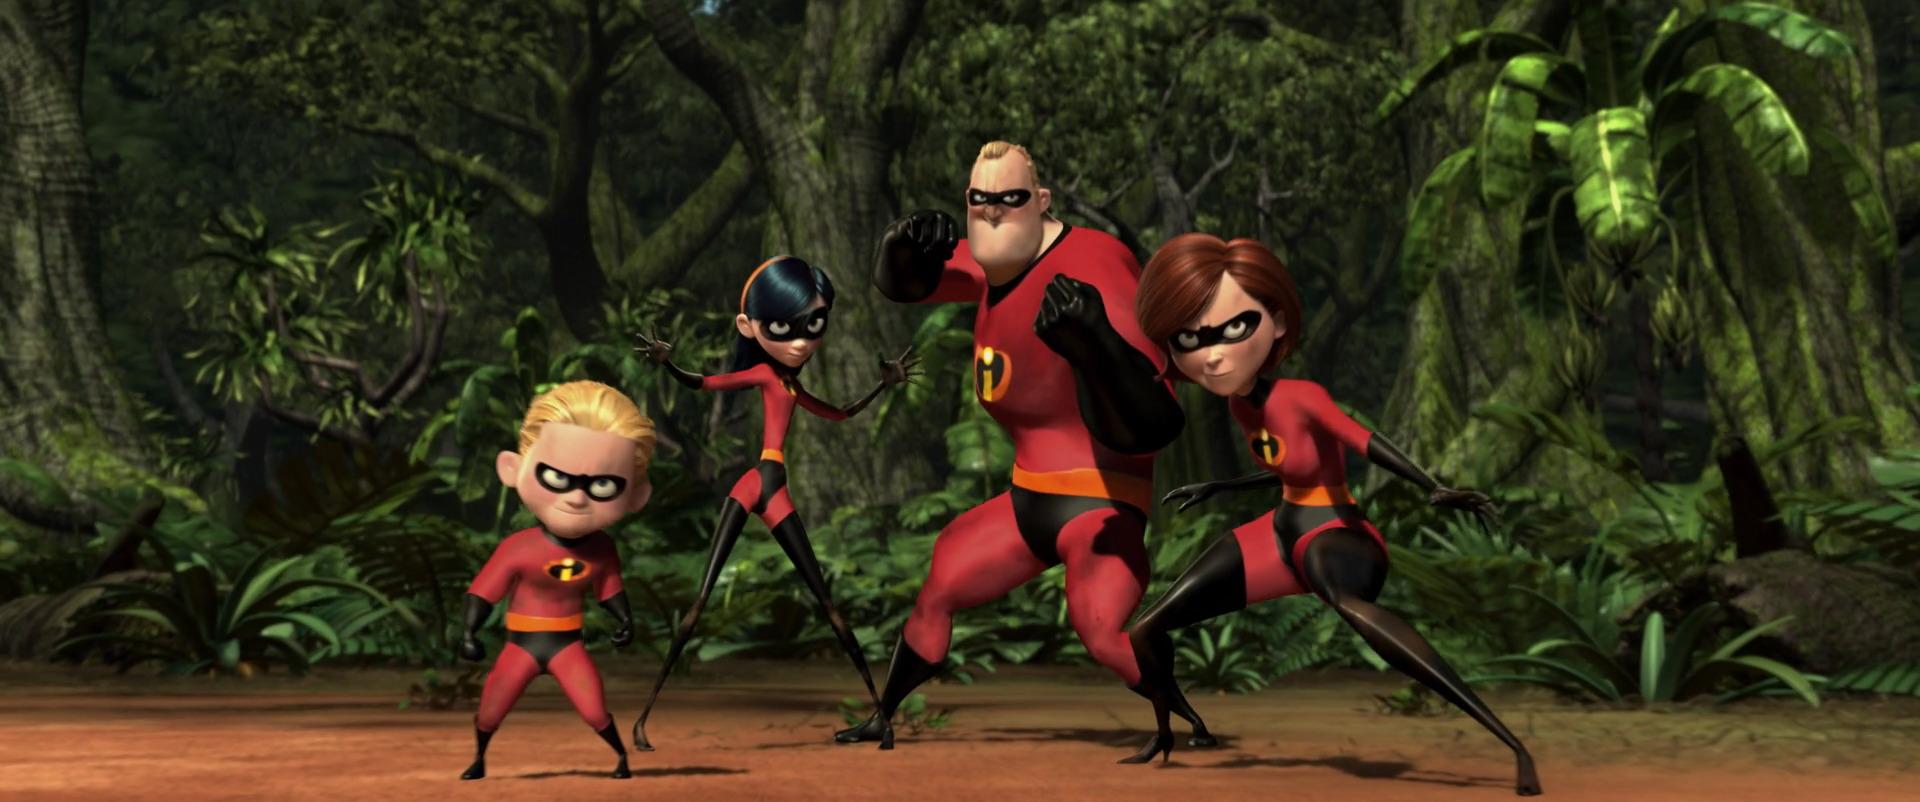 Incredibles-disneyscreencaps.com-10588.jpg